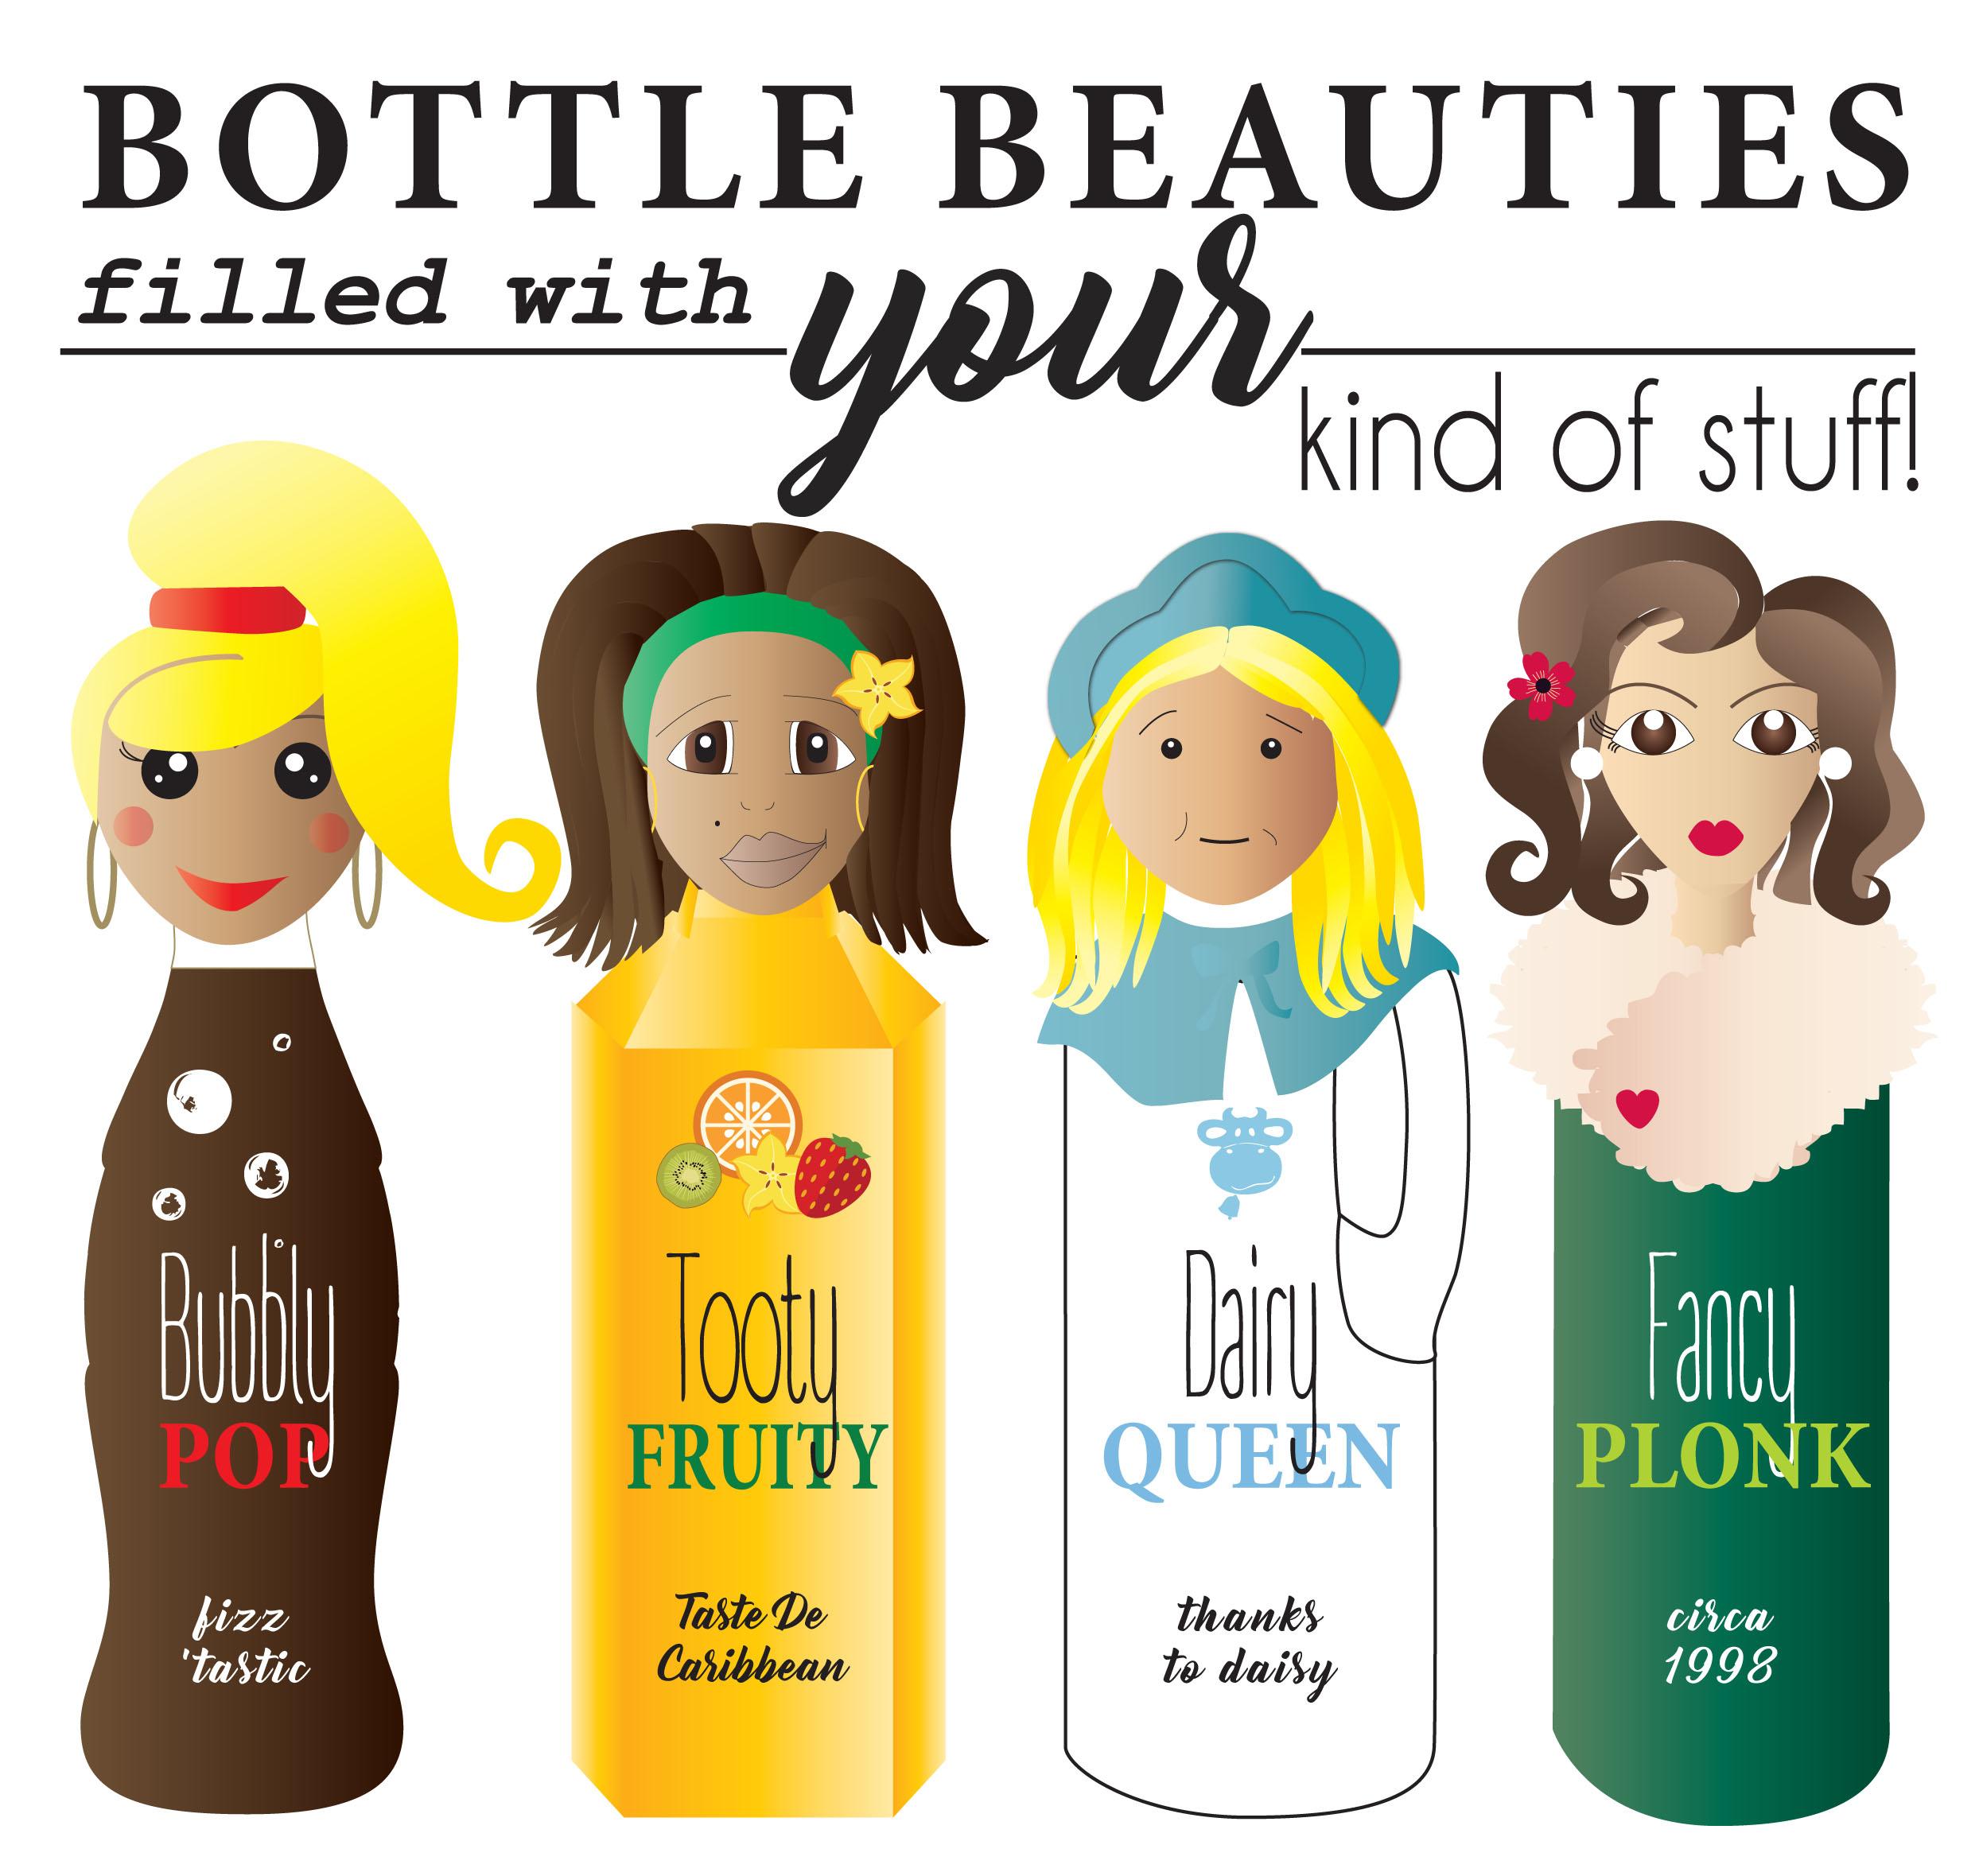 bottle beauties